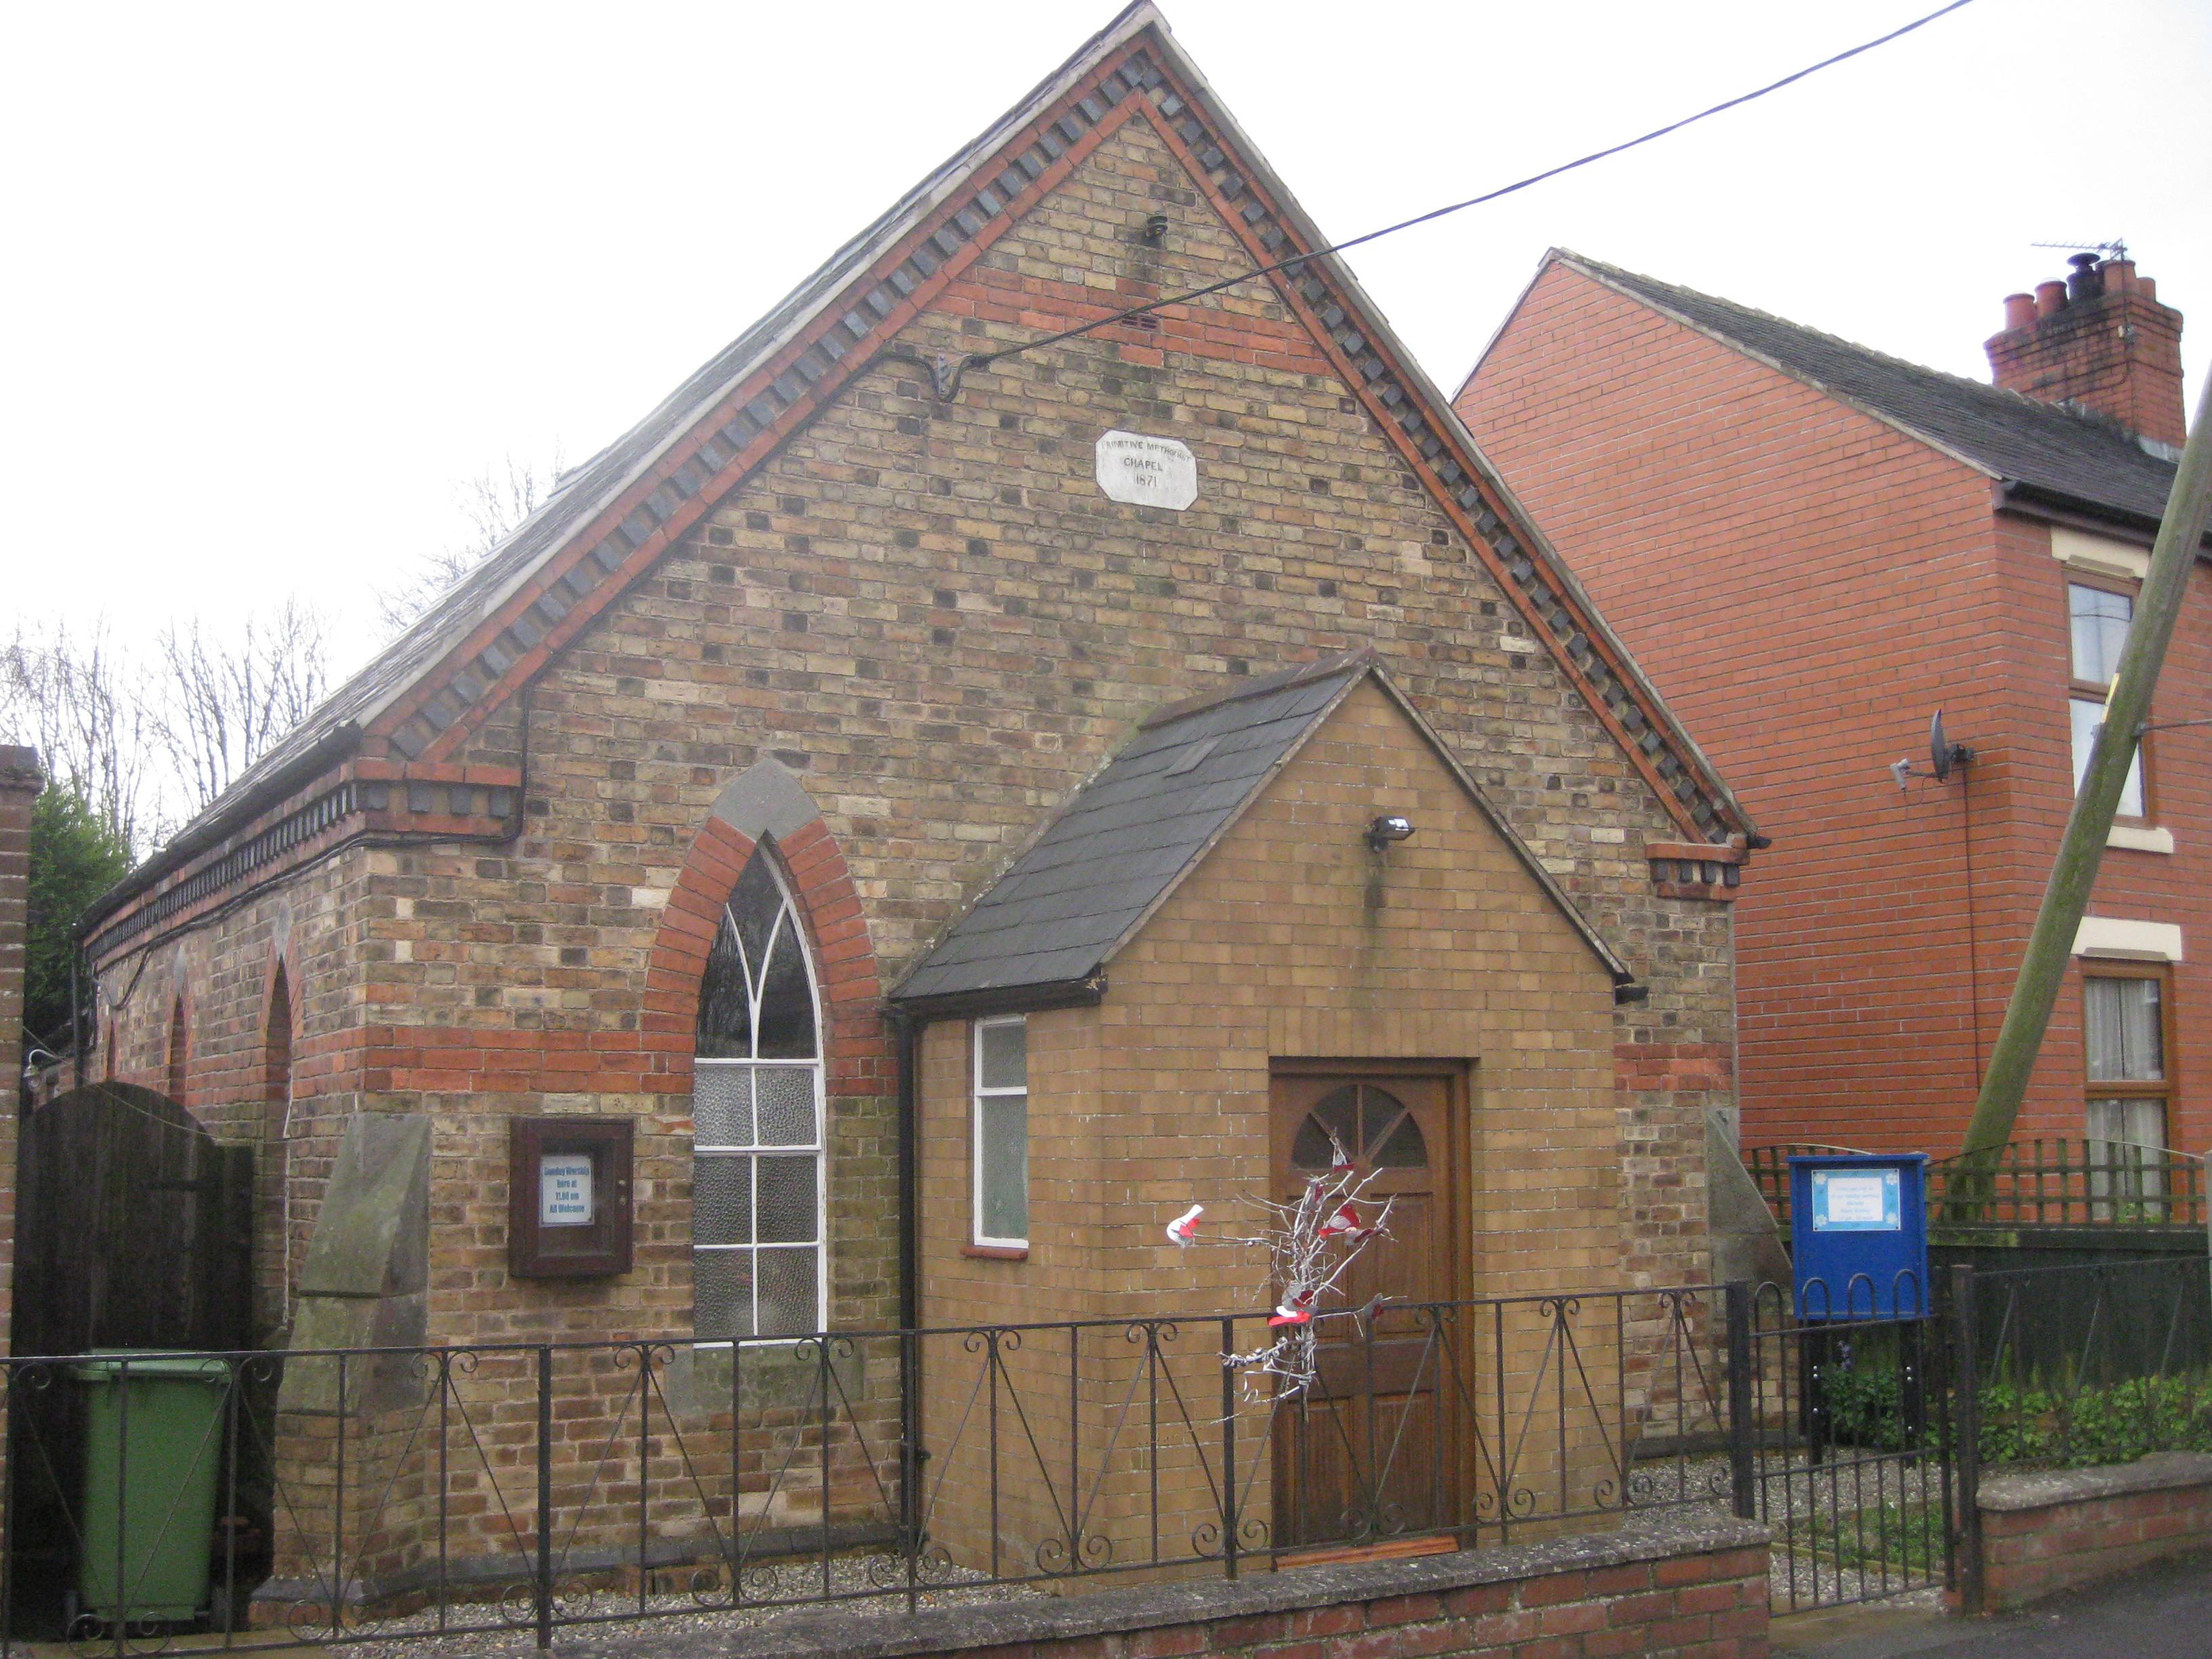 Morda PM Chapel Shropshire. zoom 8052a5b69e2